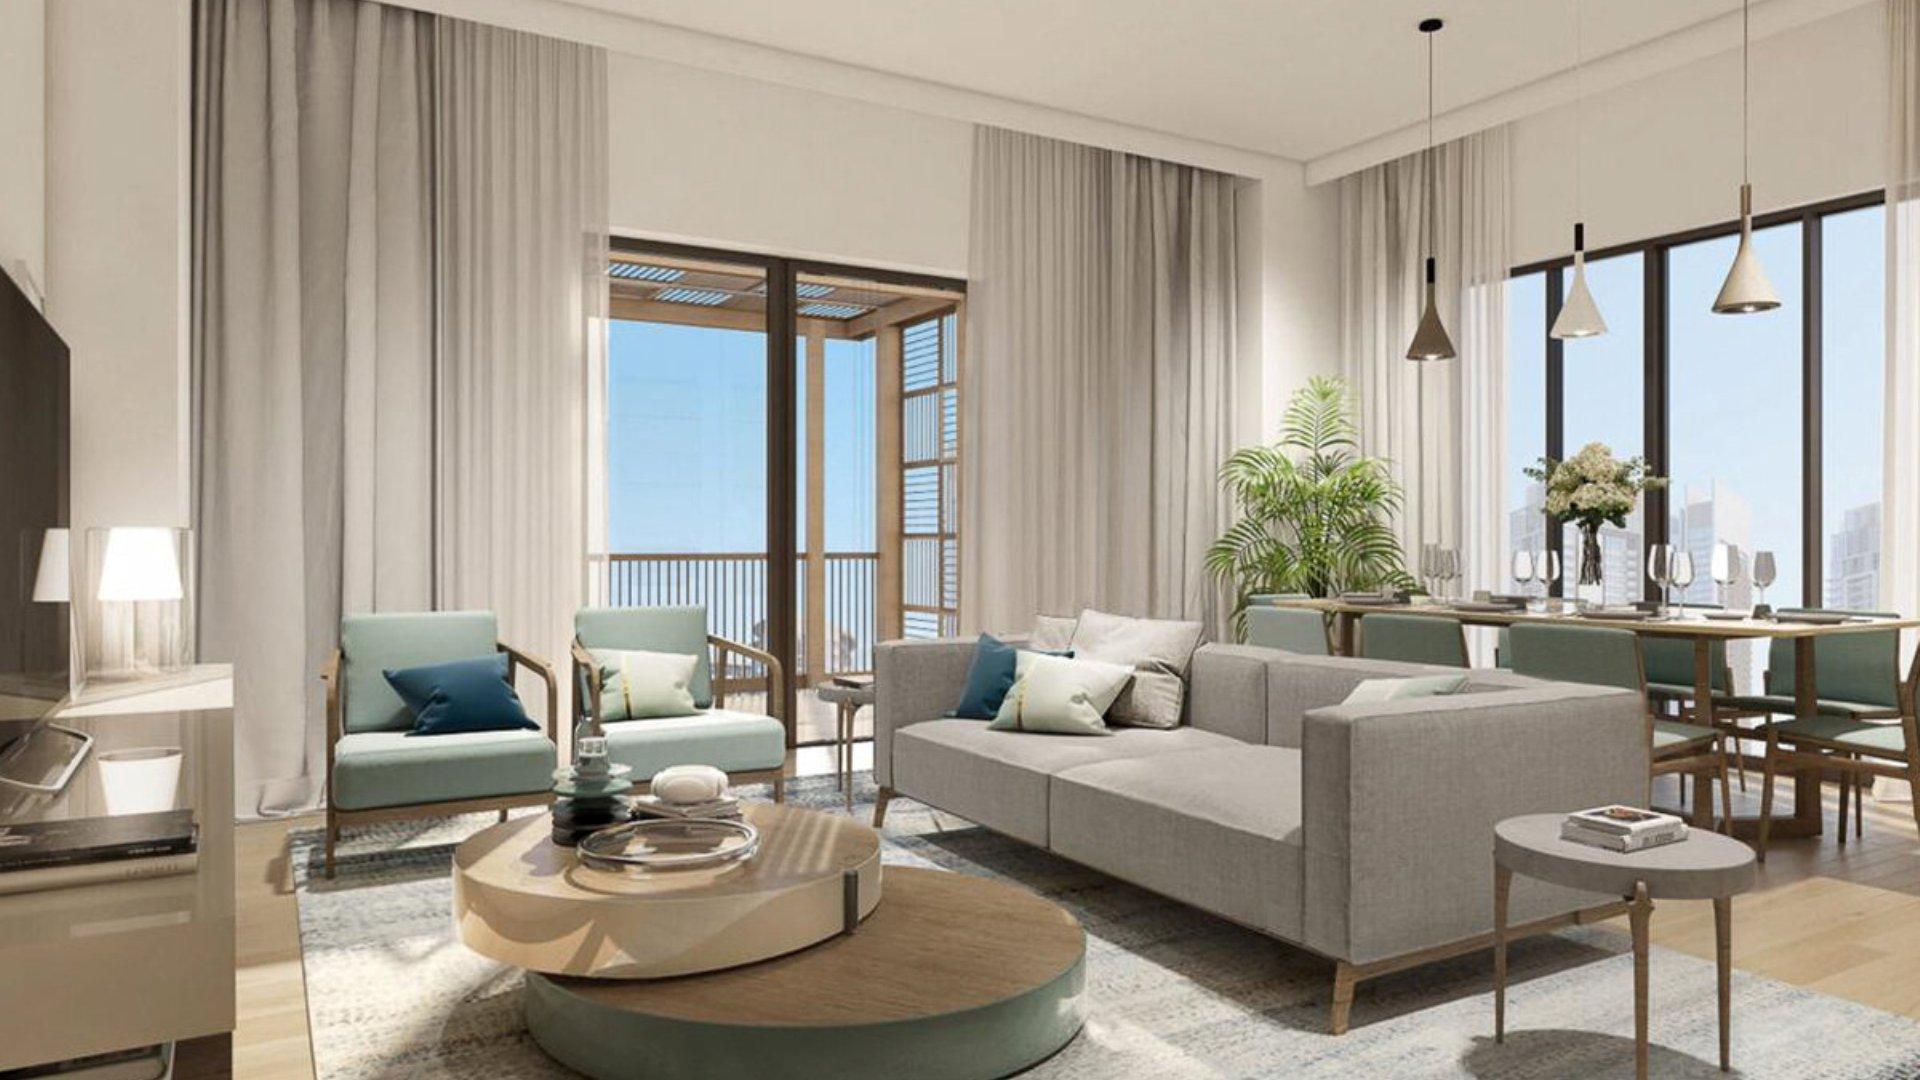 Apartamento en venta en Dubai, EAU, 3 dormitorios, 183 m2, № 24340 – foto 1